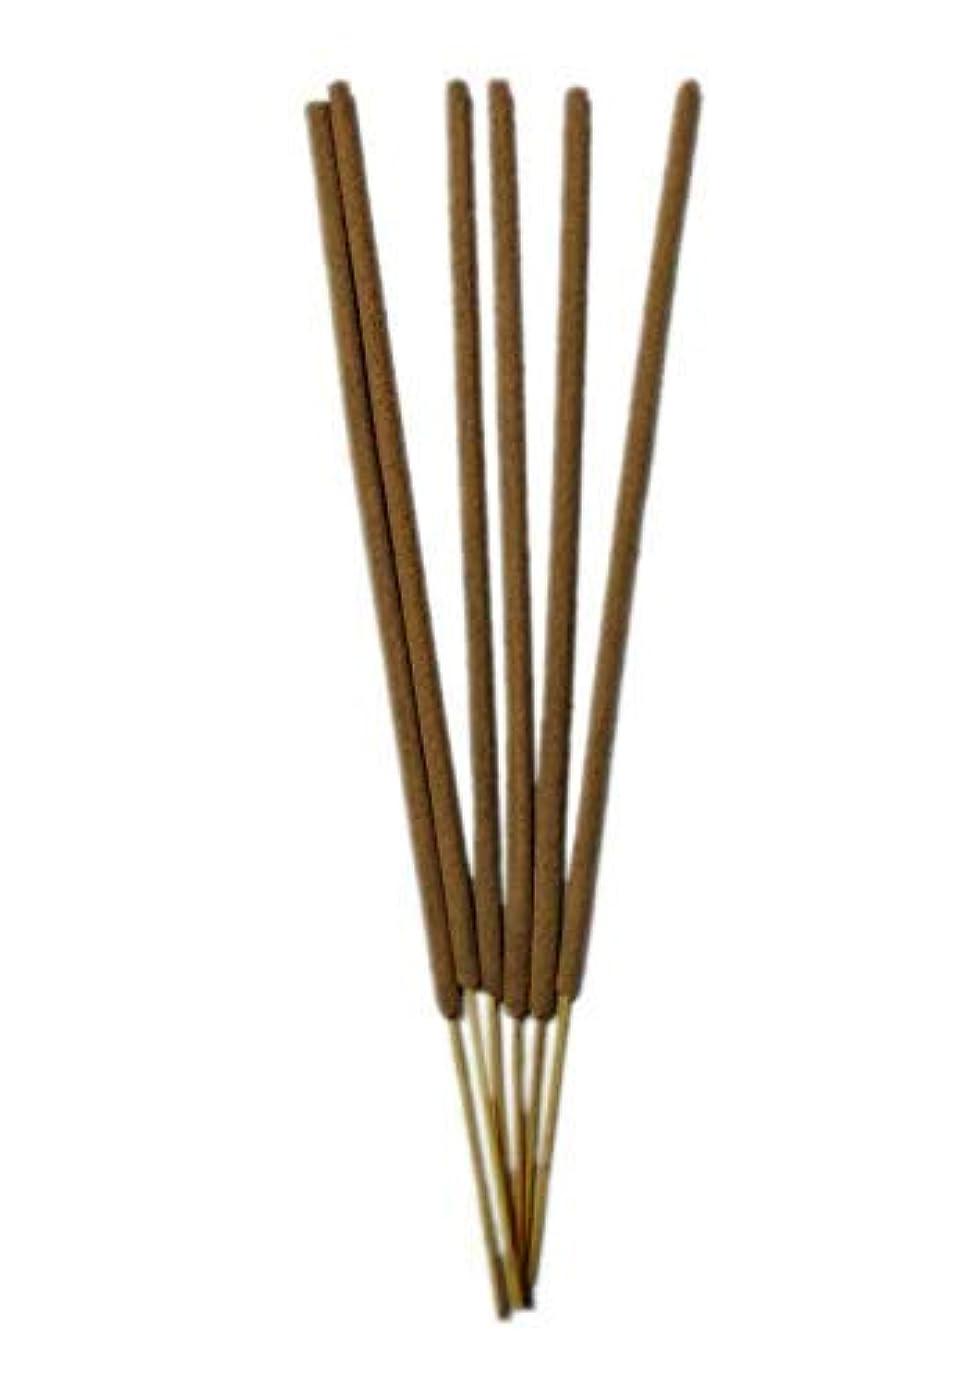 メキシコスポンジの間でAMUL Agarbatti Yellow Incense Sticks (1 Kg. Pack)